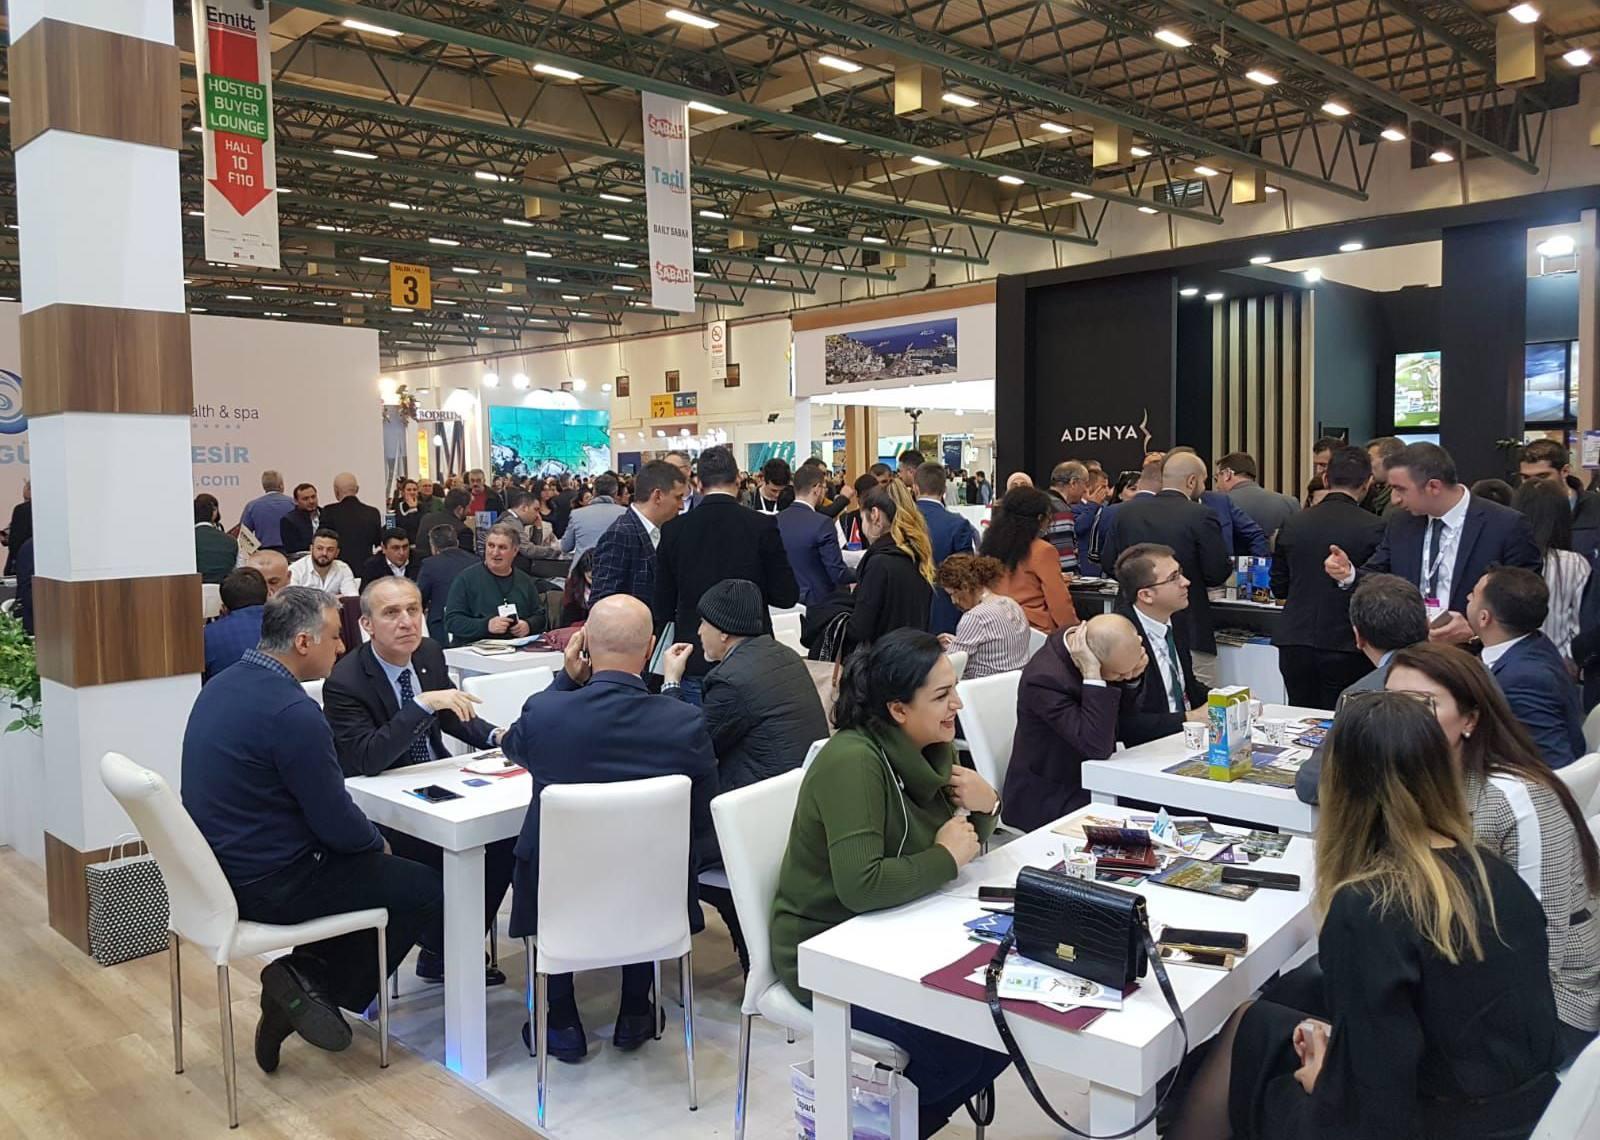 Trabzon ve Doğu Karadeniz EMITT'te tanıtıldı